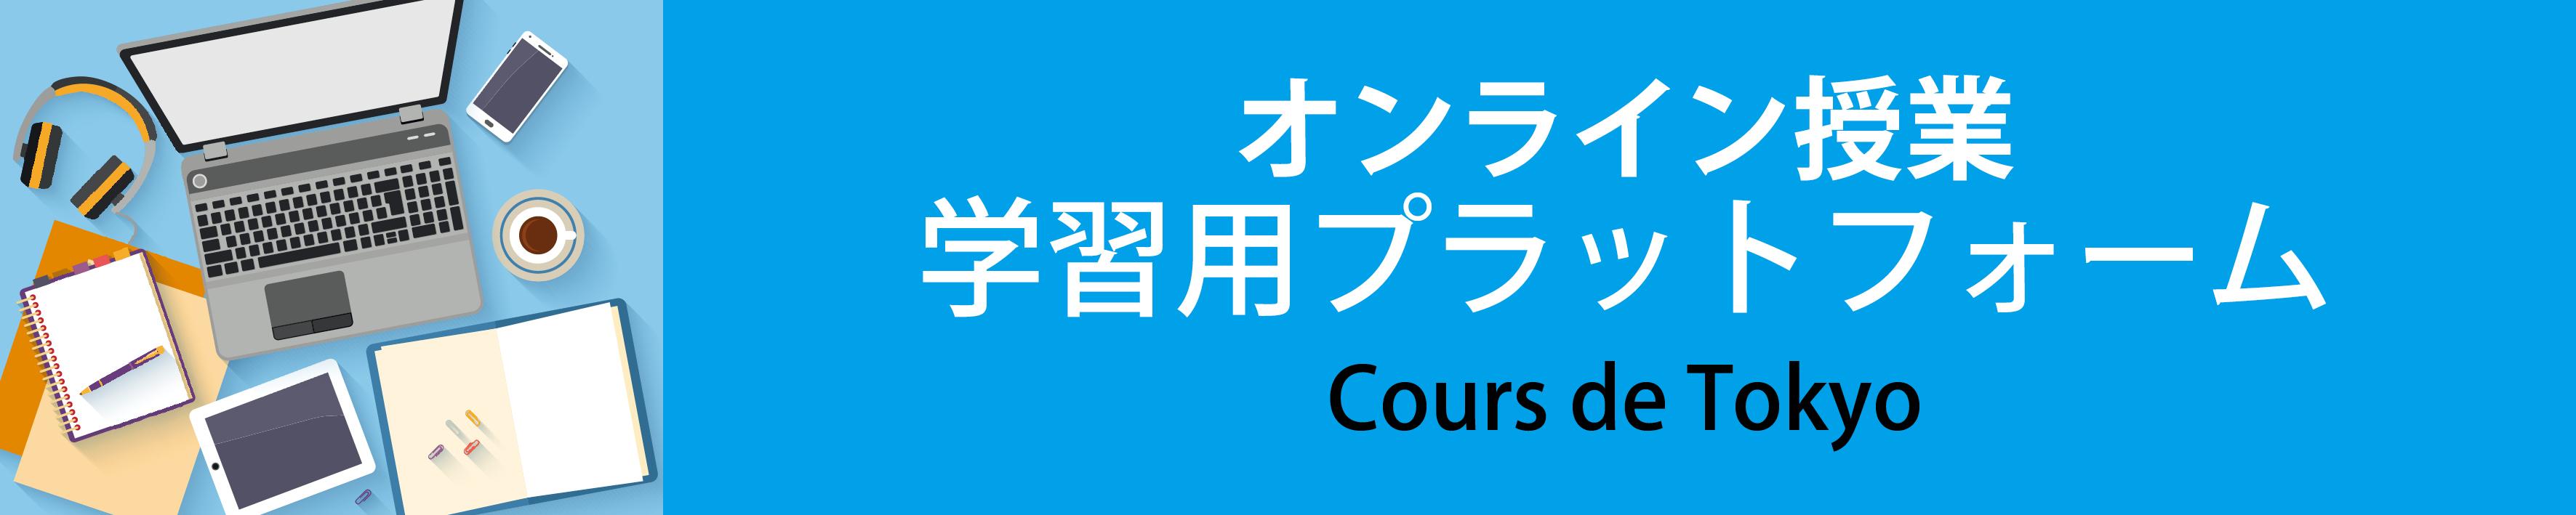 オンラインフランス語授業プラットフォーム